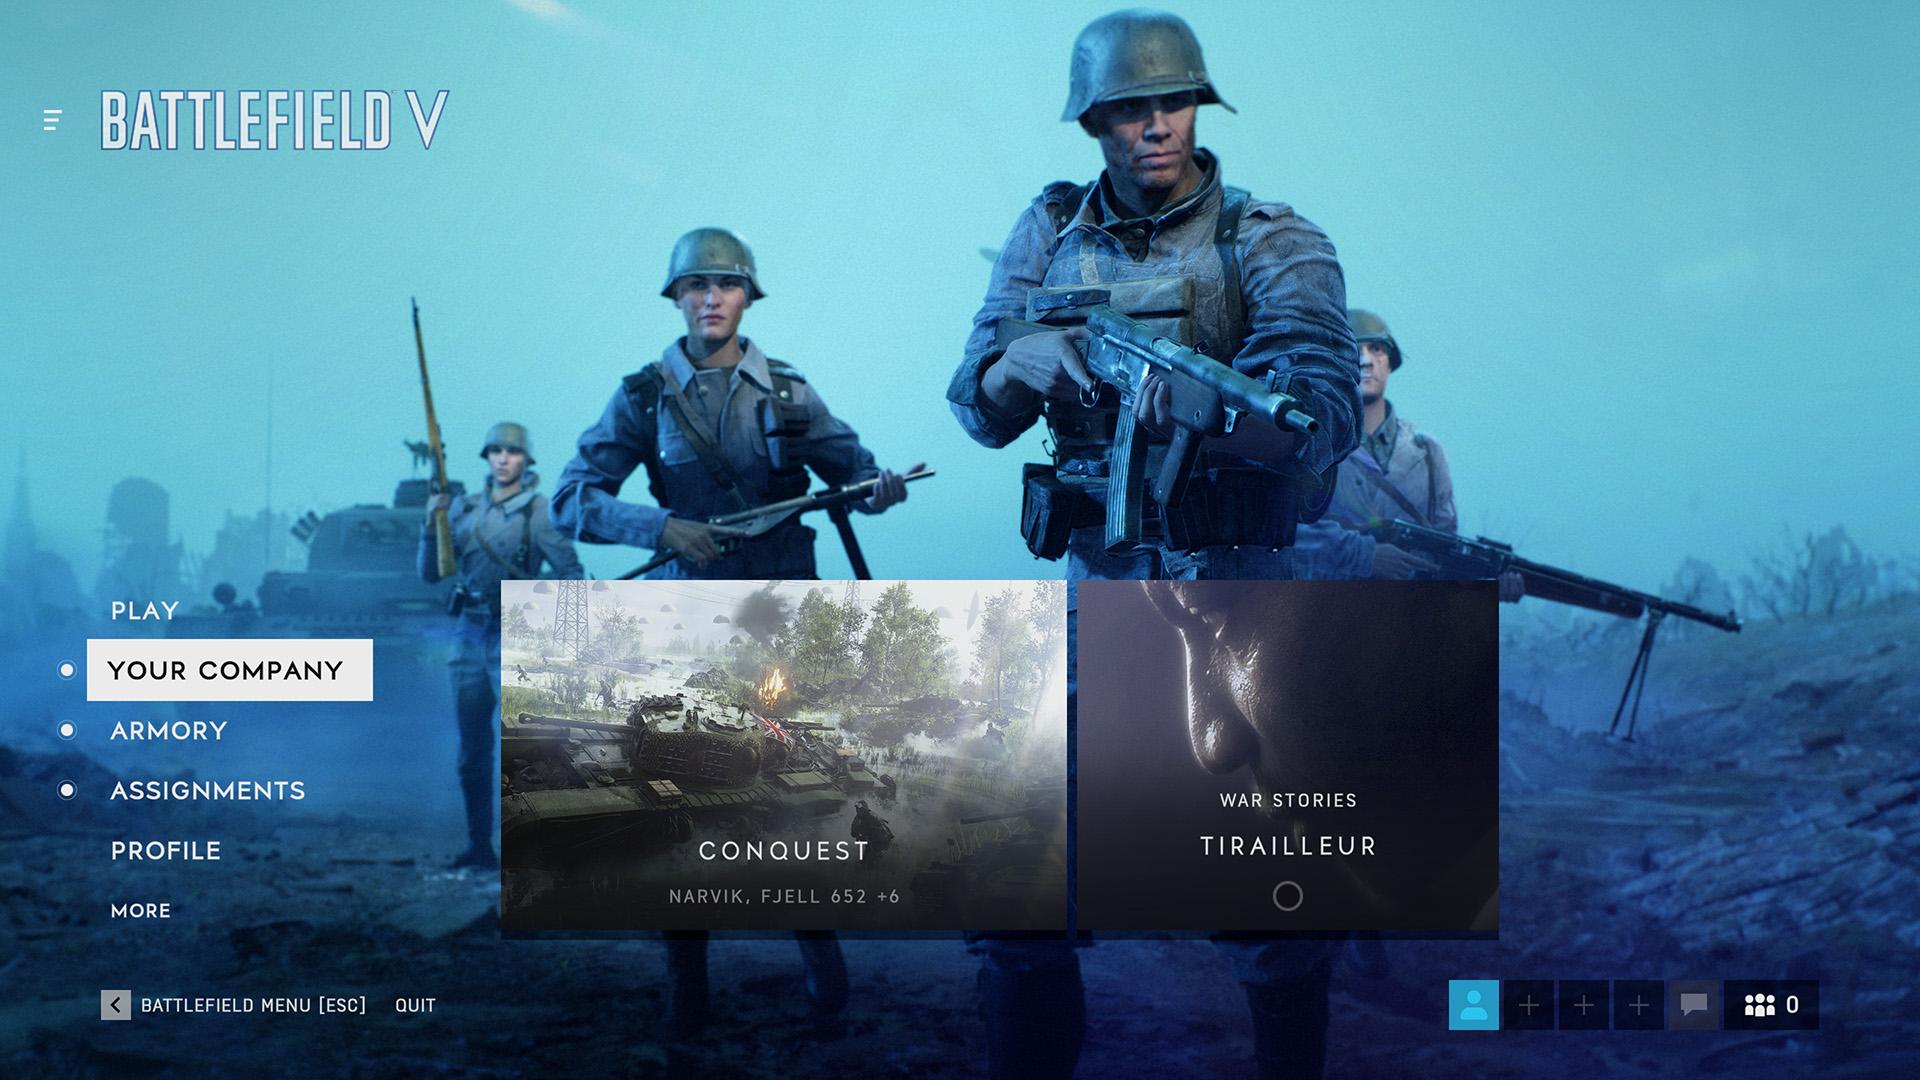 Battlefield V Screenshot 2018_0045_Battlefield V Screenshot 2018.11.09 - 16.38.46.53.jpg